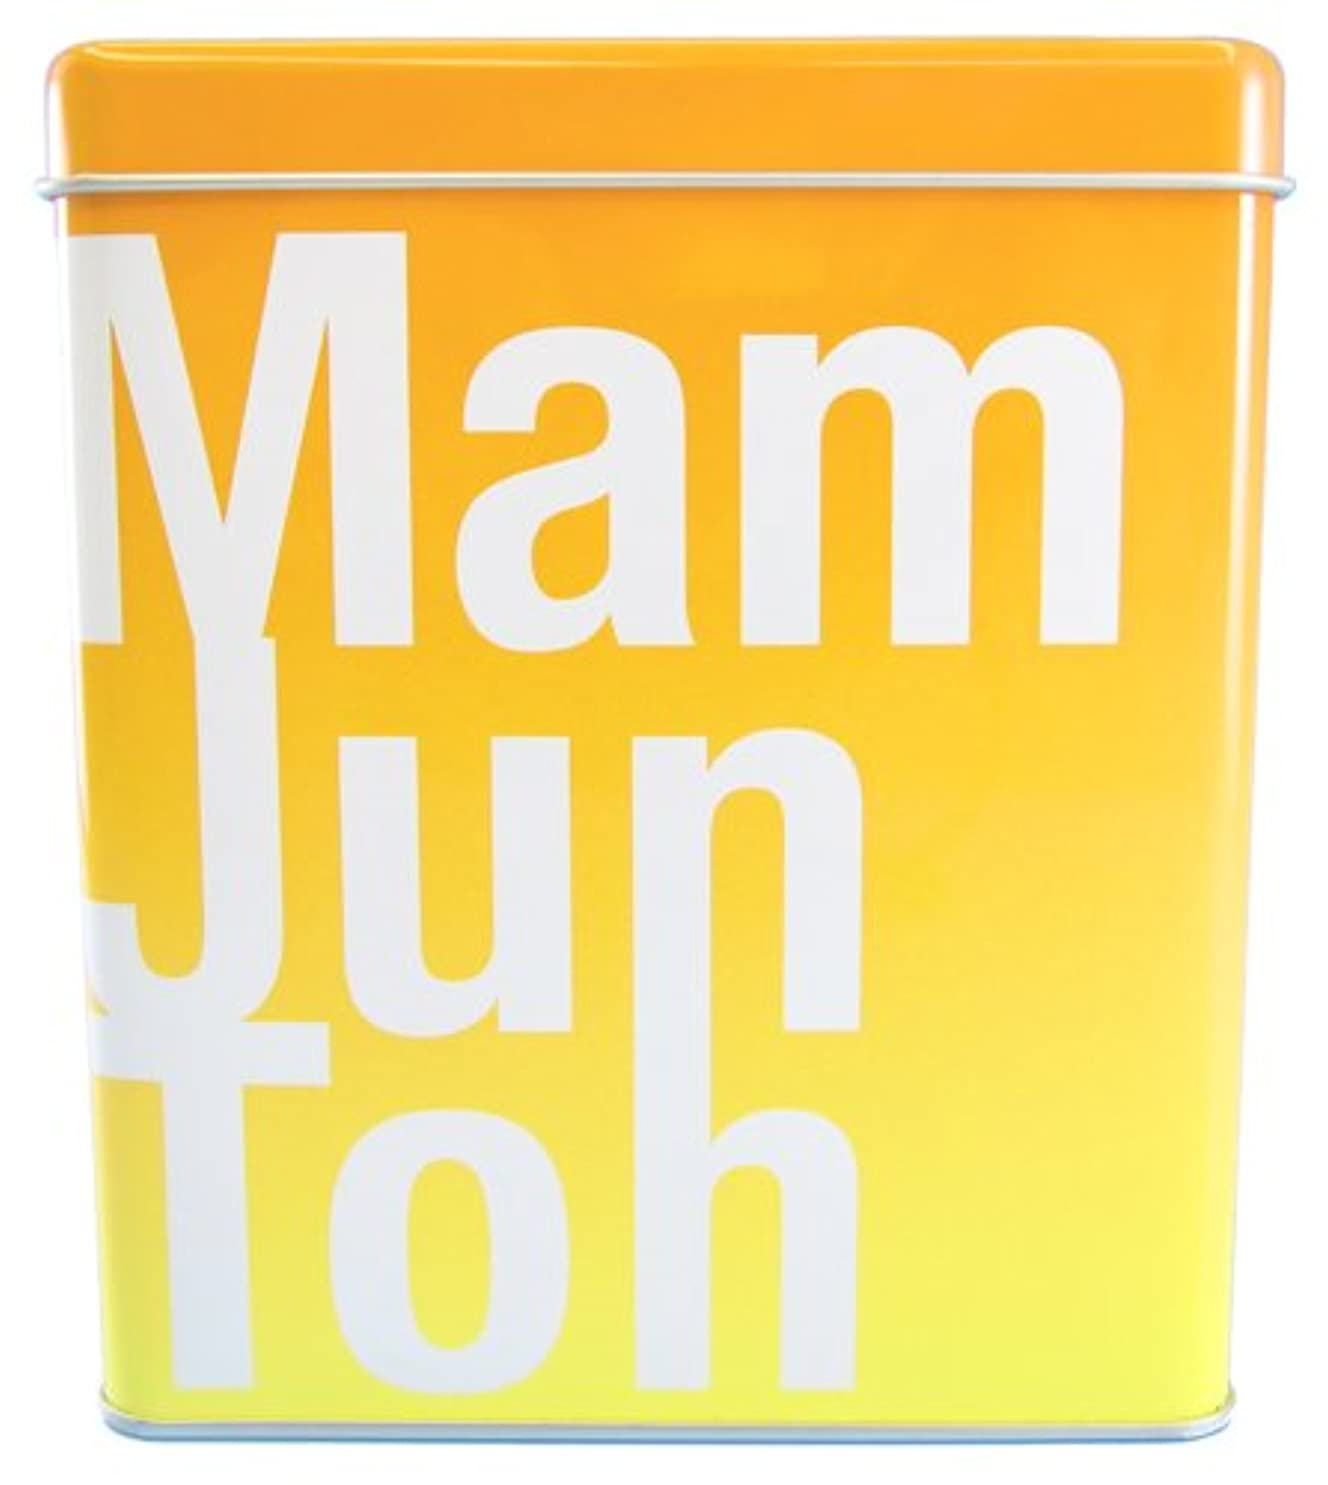 いいねスキー弁護士蔓潤湯 椿 パラダイス山元責任監修 薬用入浴剤 天然ビターオレンジの香り 750g